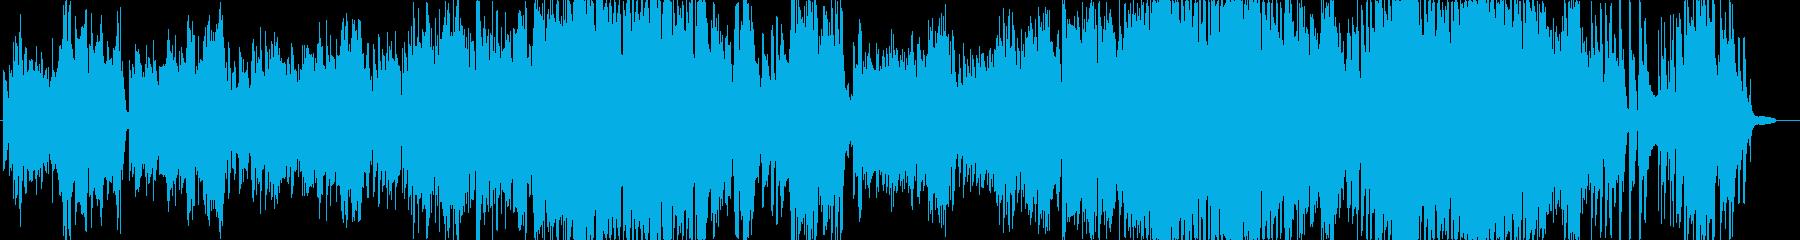 ピアノ弾き語りの再生済みの波形